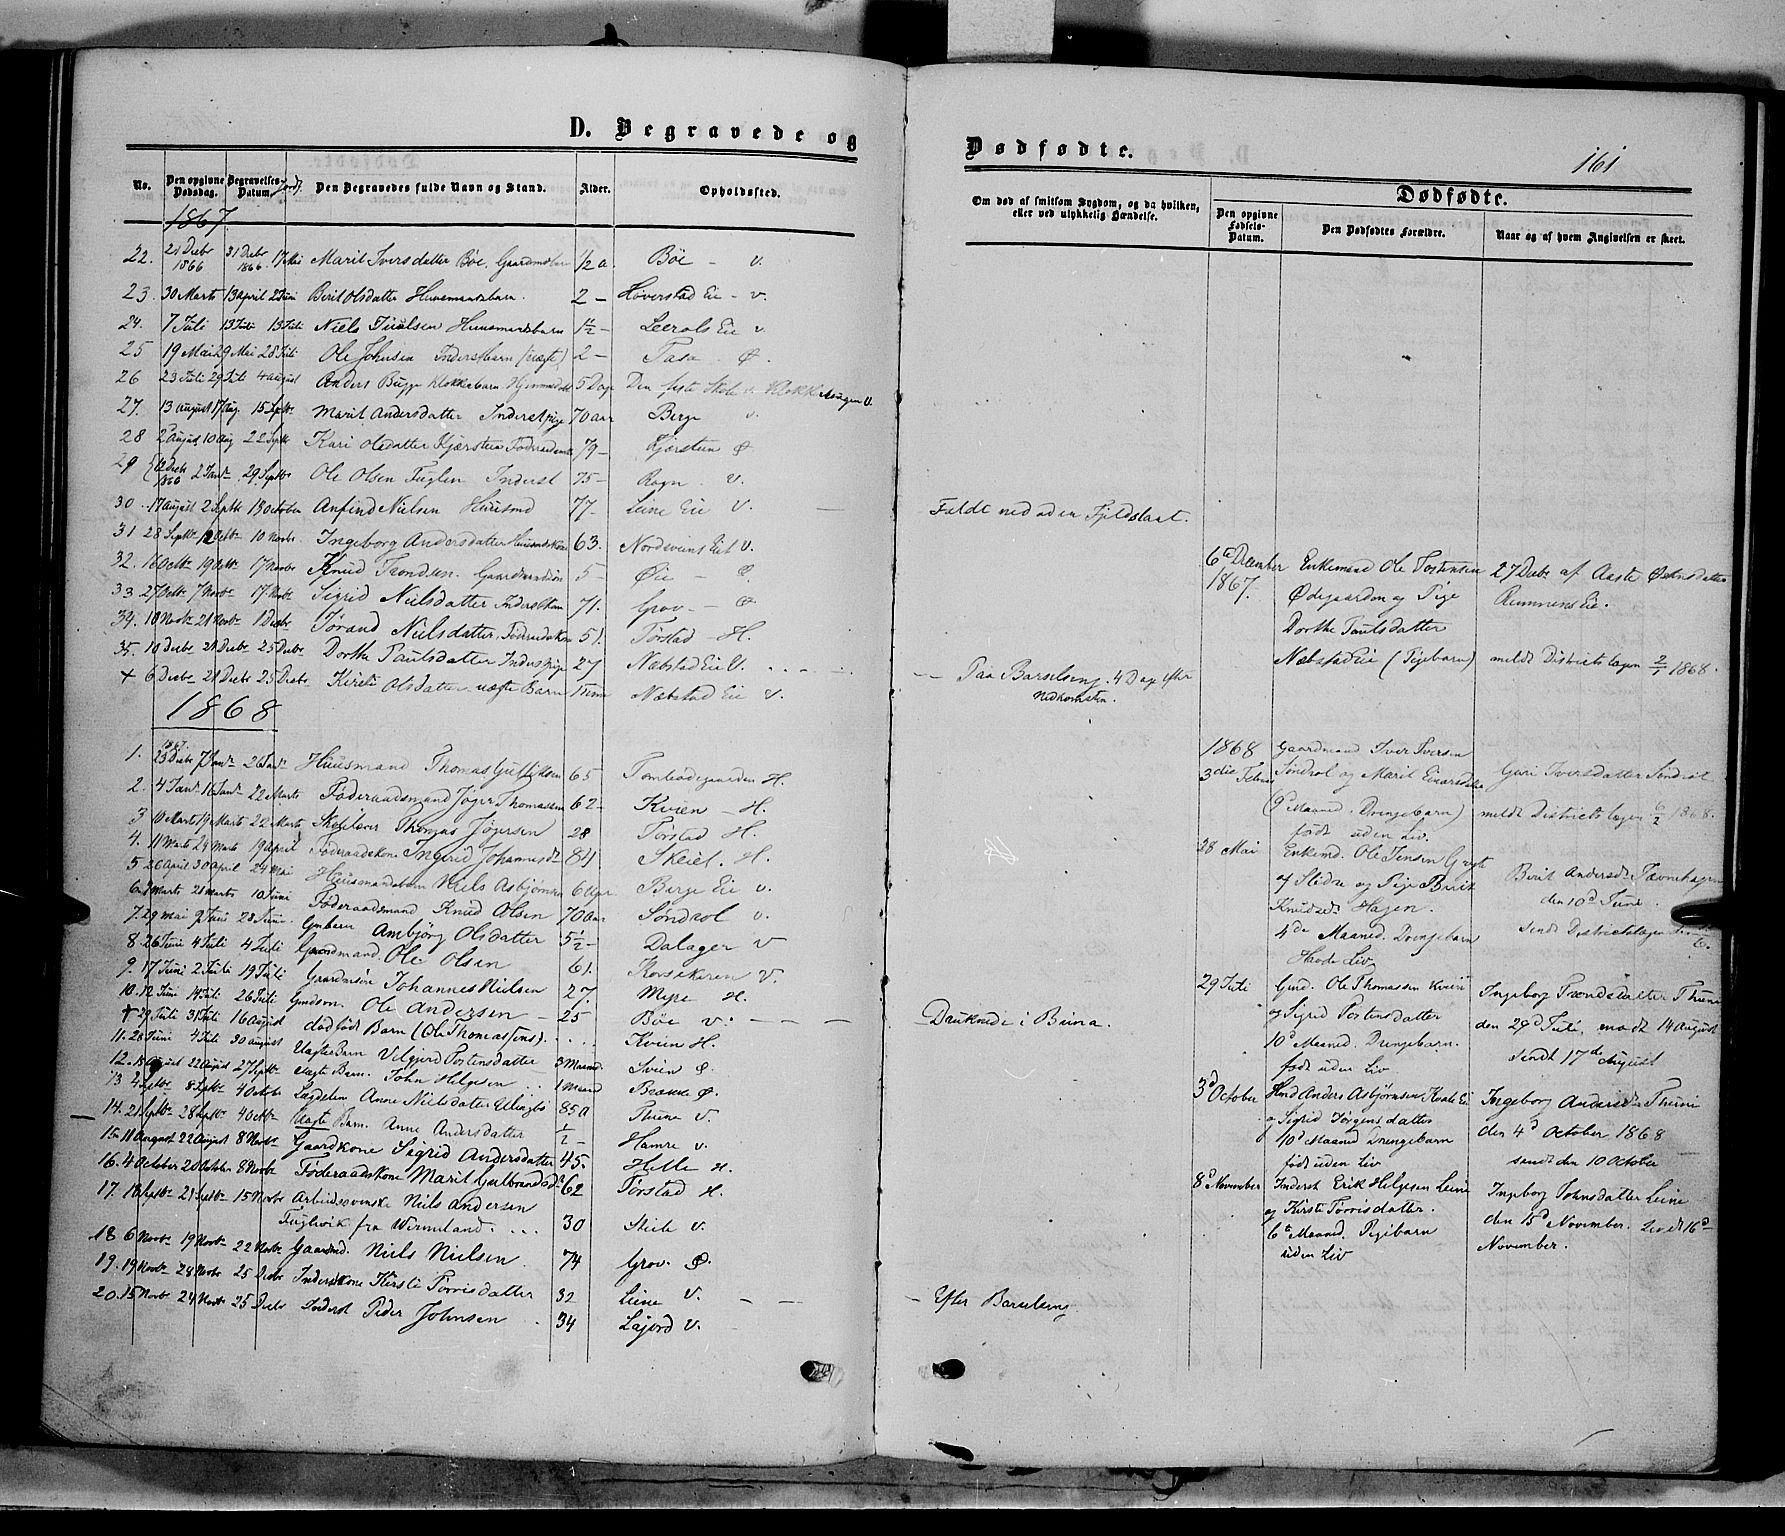 SAH, Vang prestekontor, Valdres, Ministerialbok nr. 7, 1865-1881, s. 161